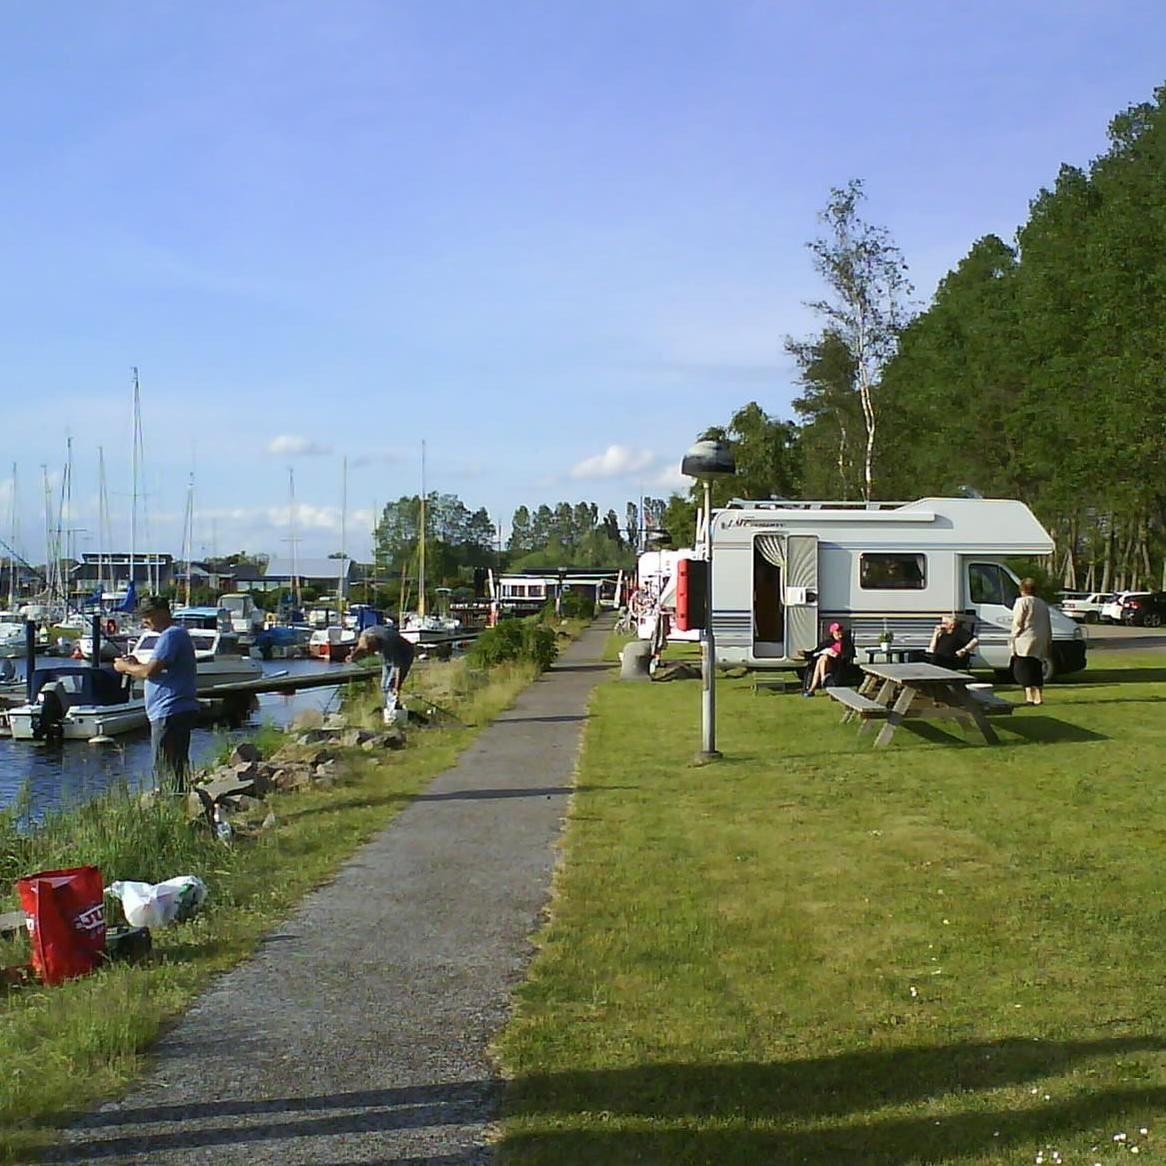 Ställplatser i Lundåkrahamnen,  © Ställplatser i Lundåkrahamnen, Mobile homes, Lundåkrahamnen